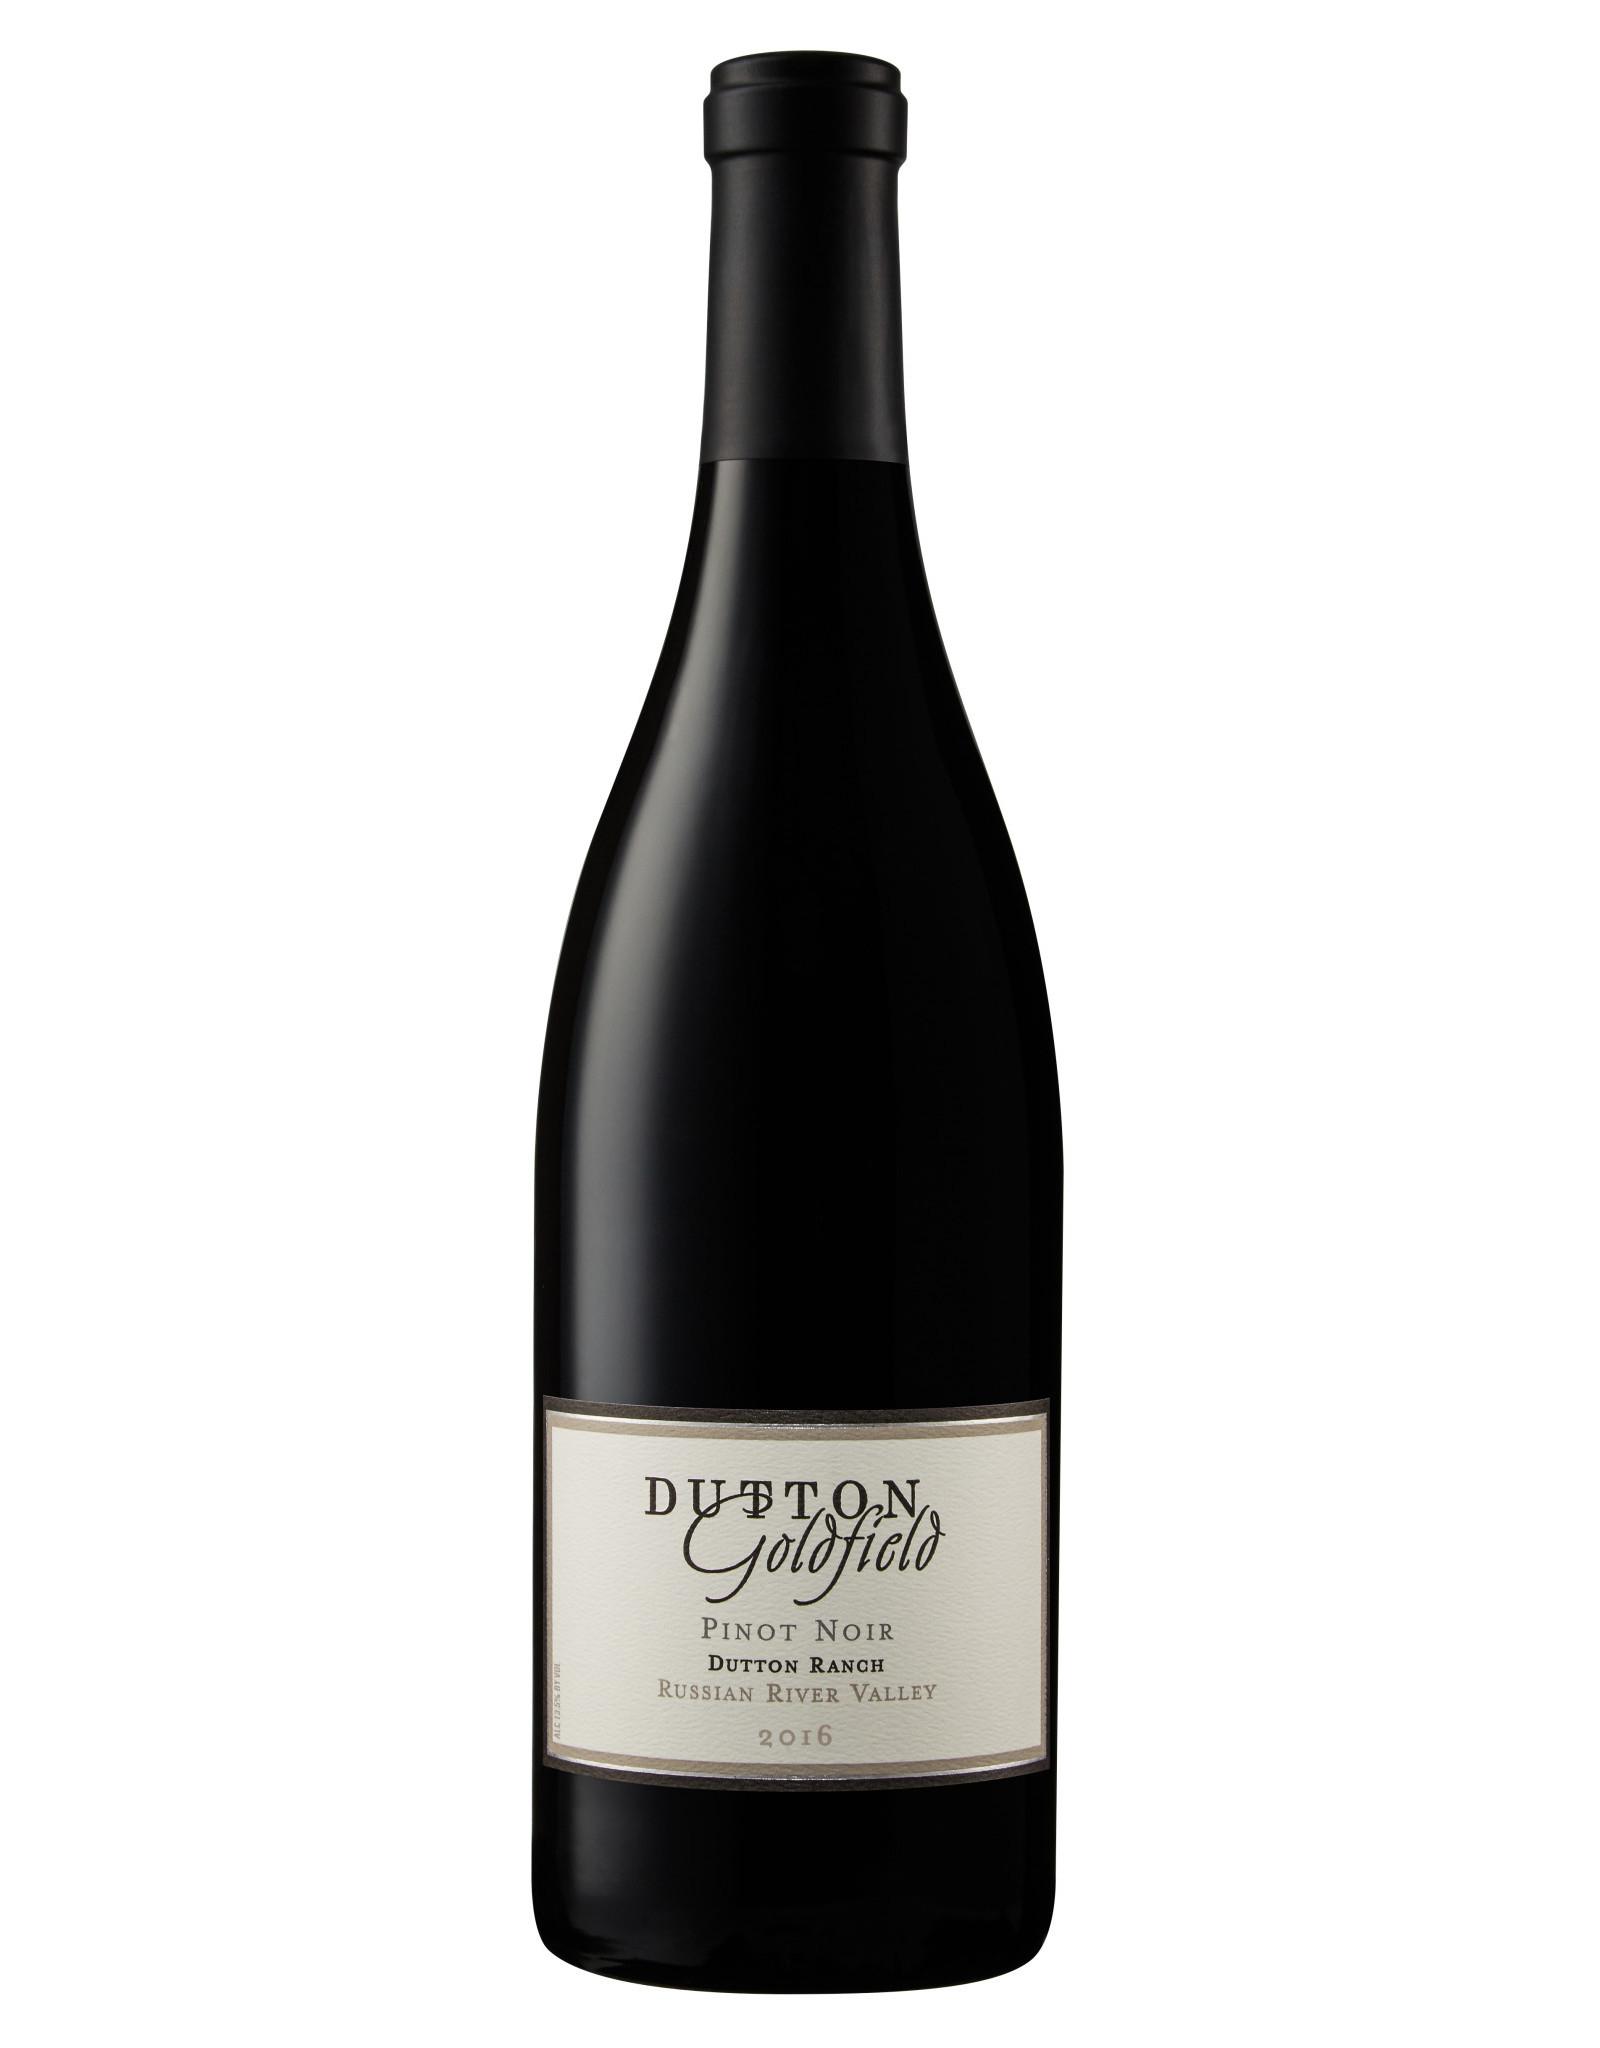 Dutton Goldfield Fox Den Vineyard Green Valley Pinot Noir 2014